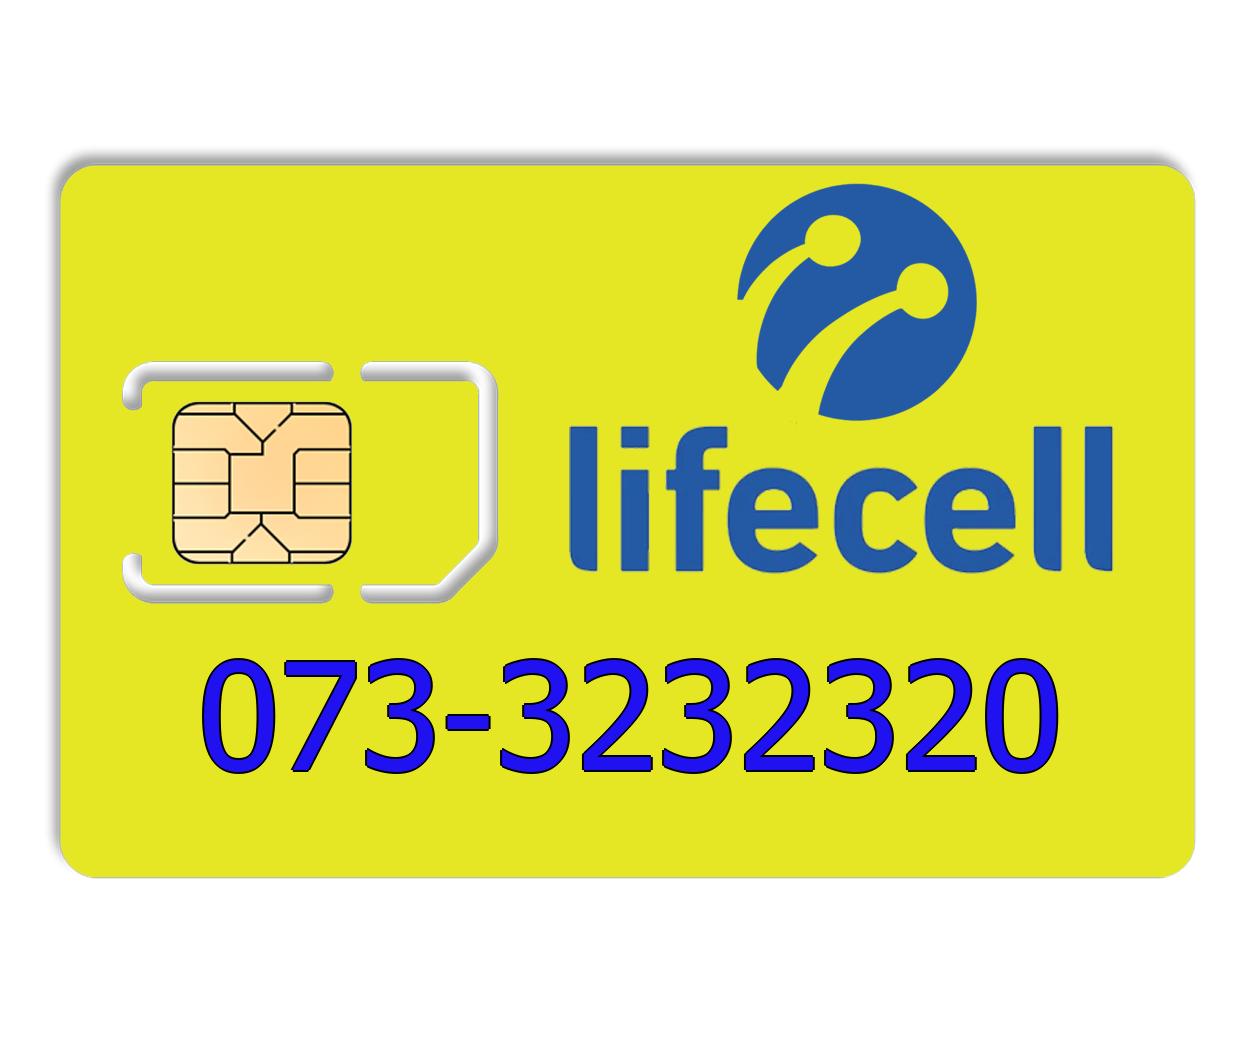 Красивый номер lifecell 073-3232320